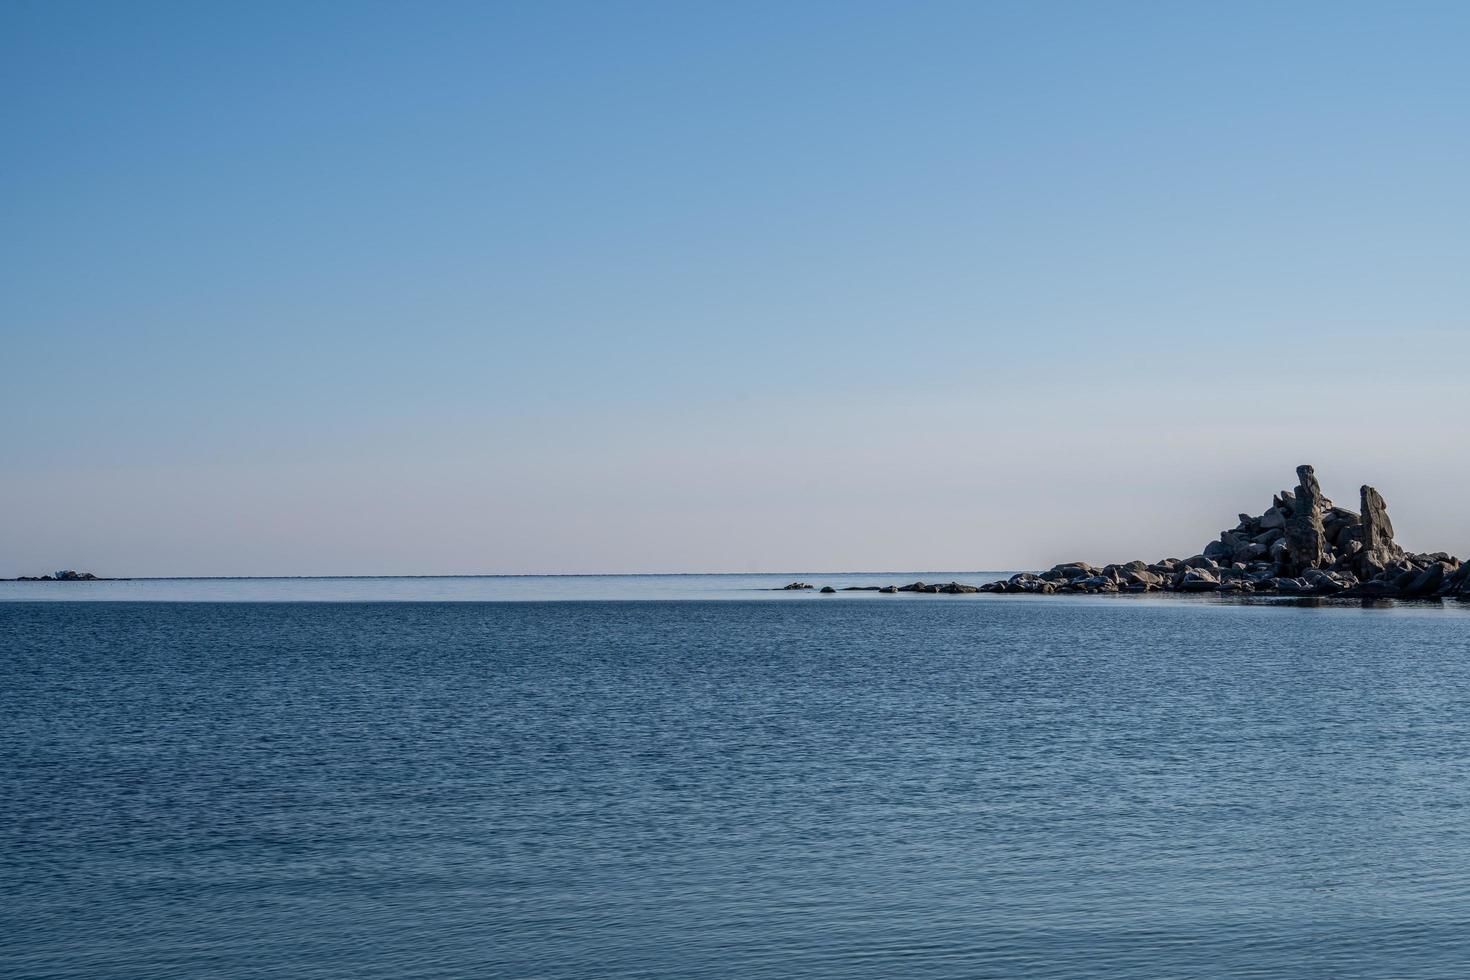 paesaggio marino con bellissime rocce nella baia foto